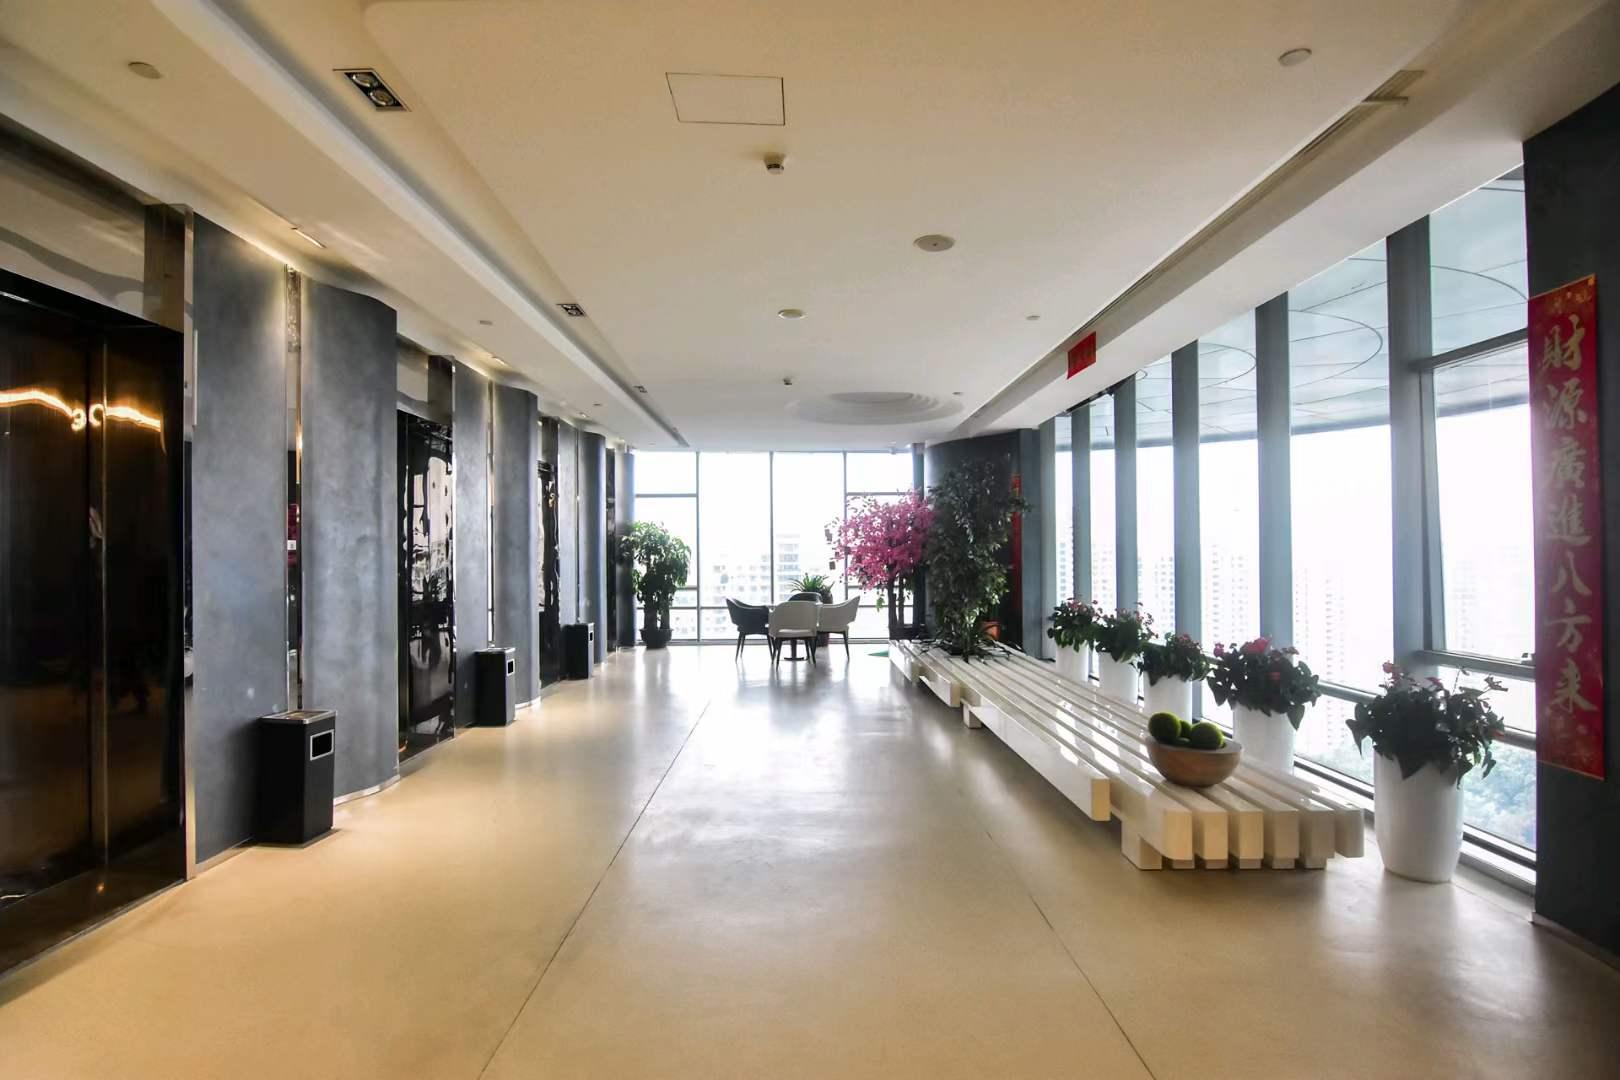 南山区华侨城智慧广场整层1480平方双阳台精装办公室出租